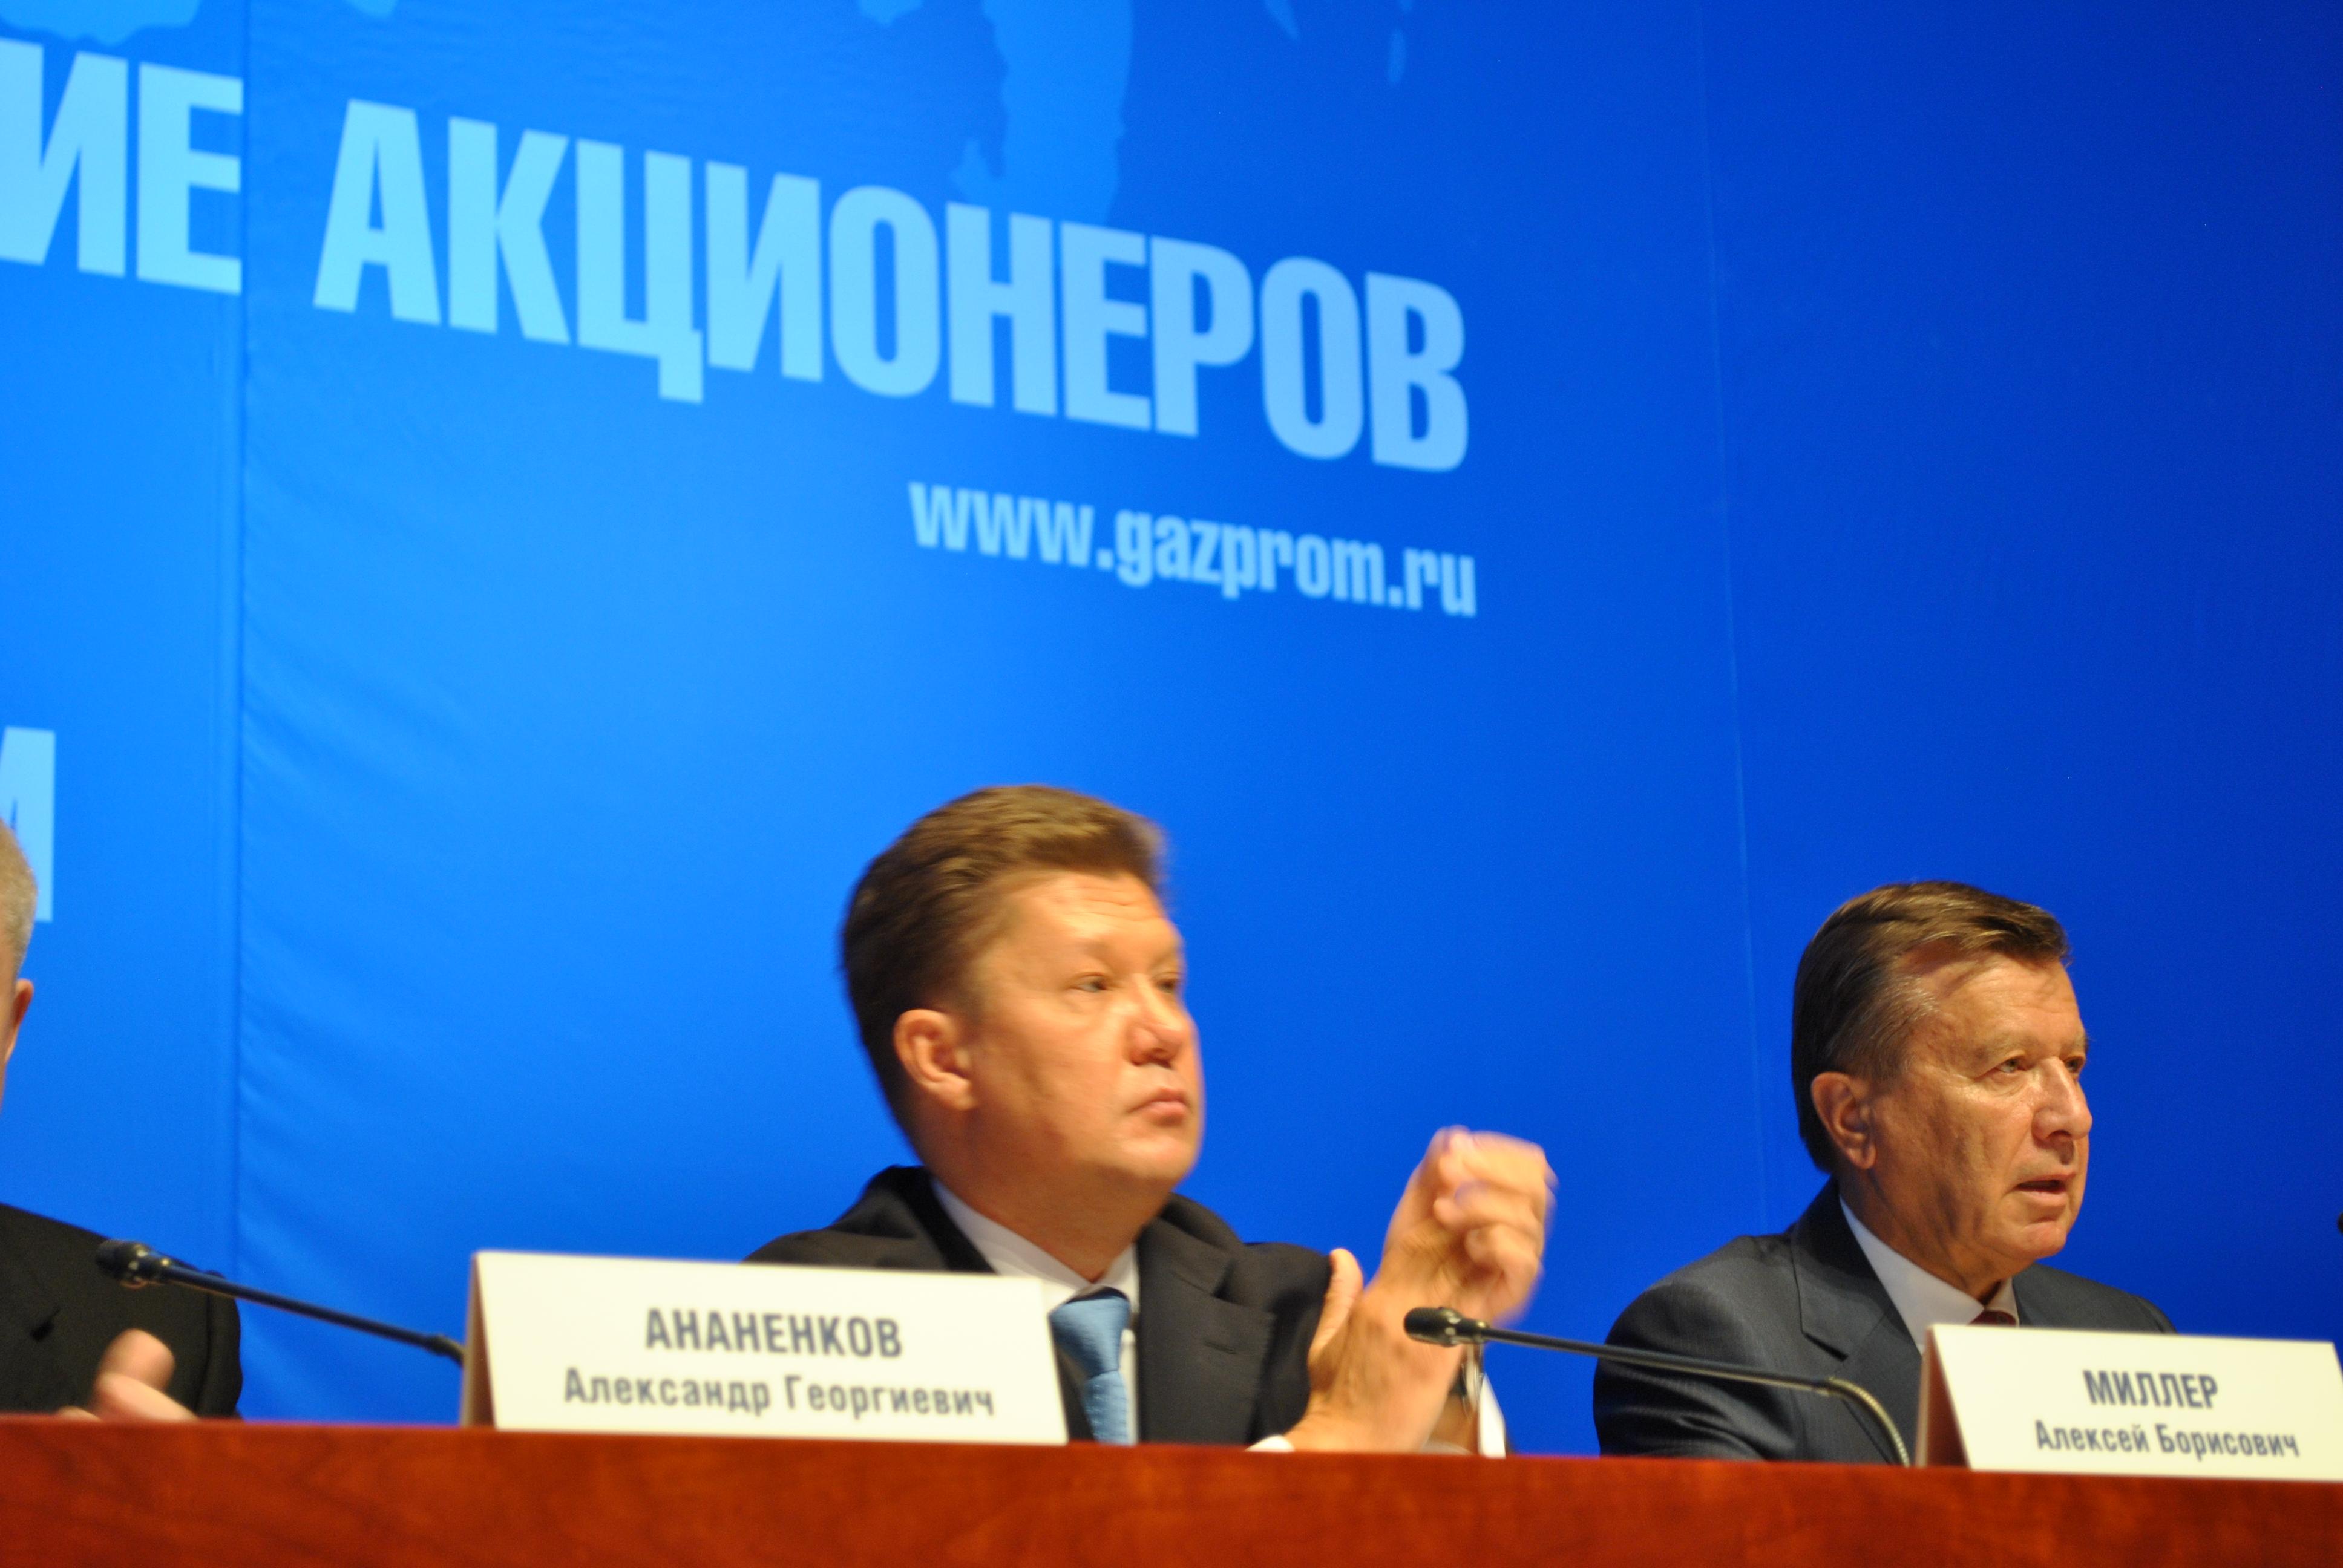 Акционеры газпром функциональные рынки forex в россии